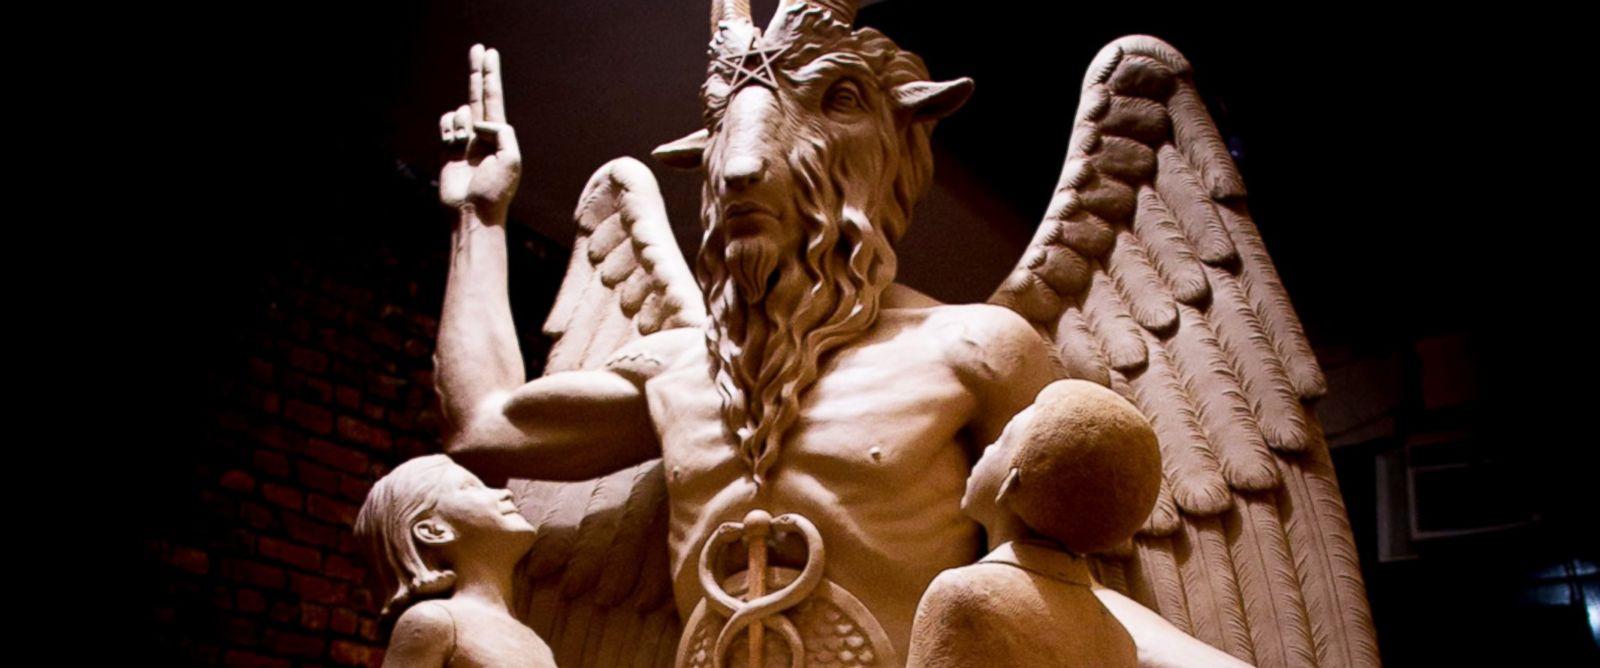 satan dans la cité 2 - Baphomet à oklahoma temple satanic